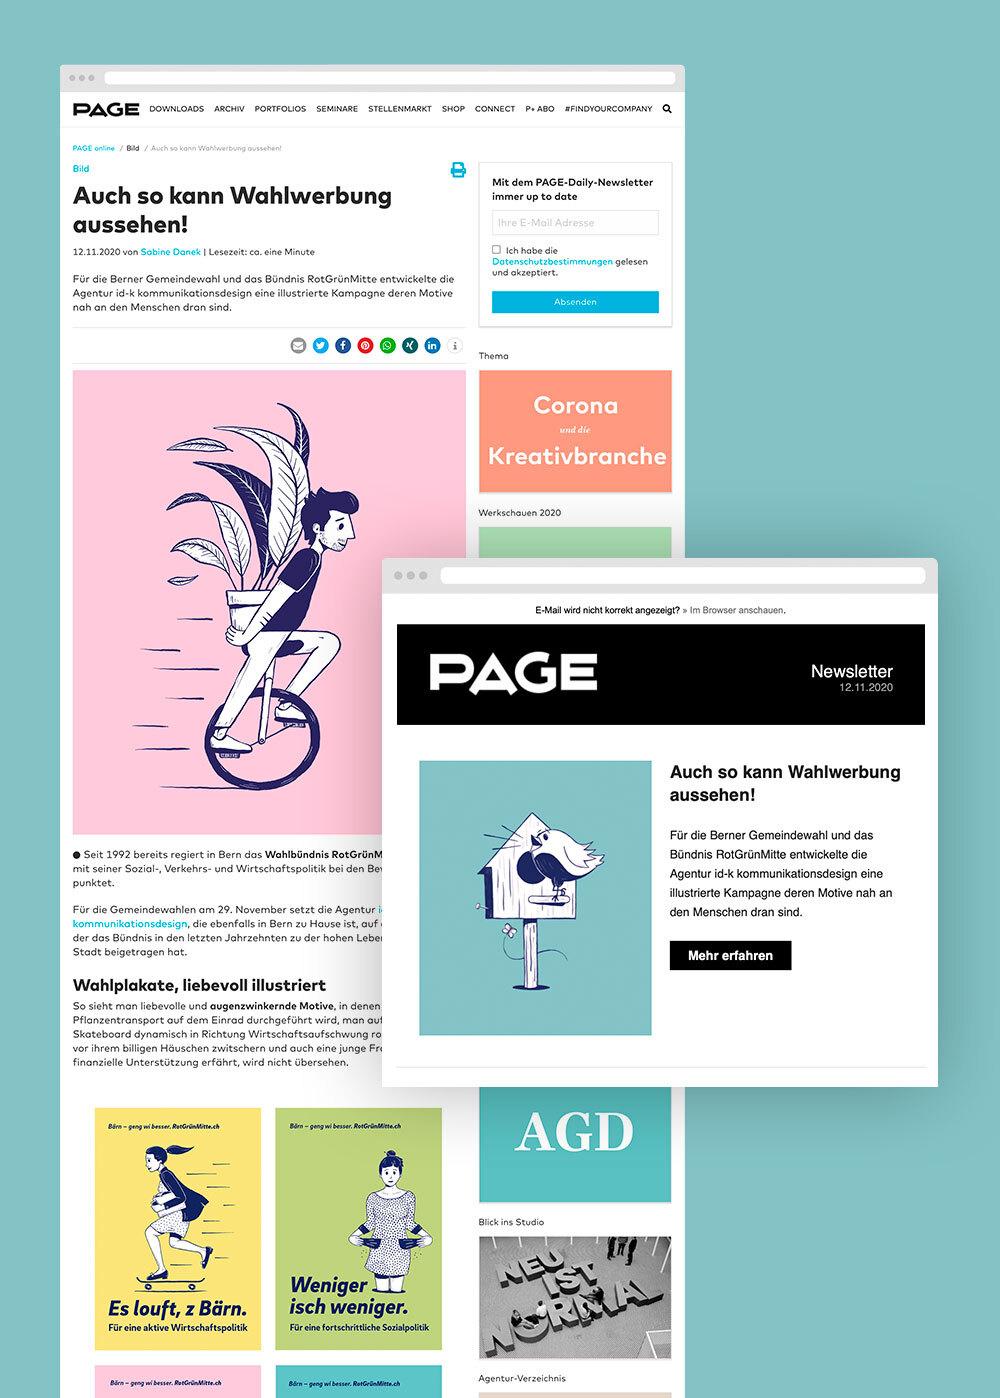 Die Wahlkampagne von id-k für RGM (RotGrünMitte) wird national und international von Designmagazinen und Branchenzeitschriften anerkannt.